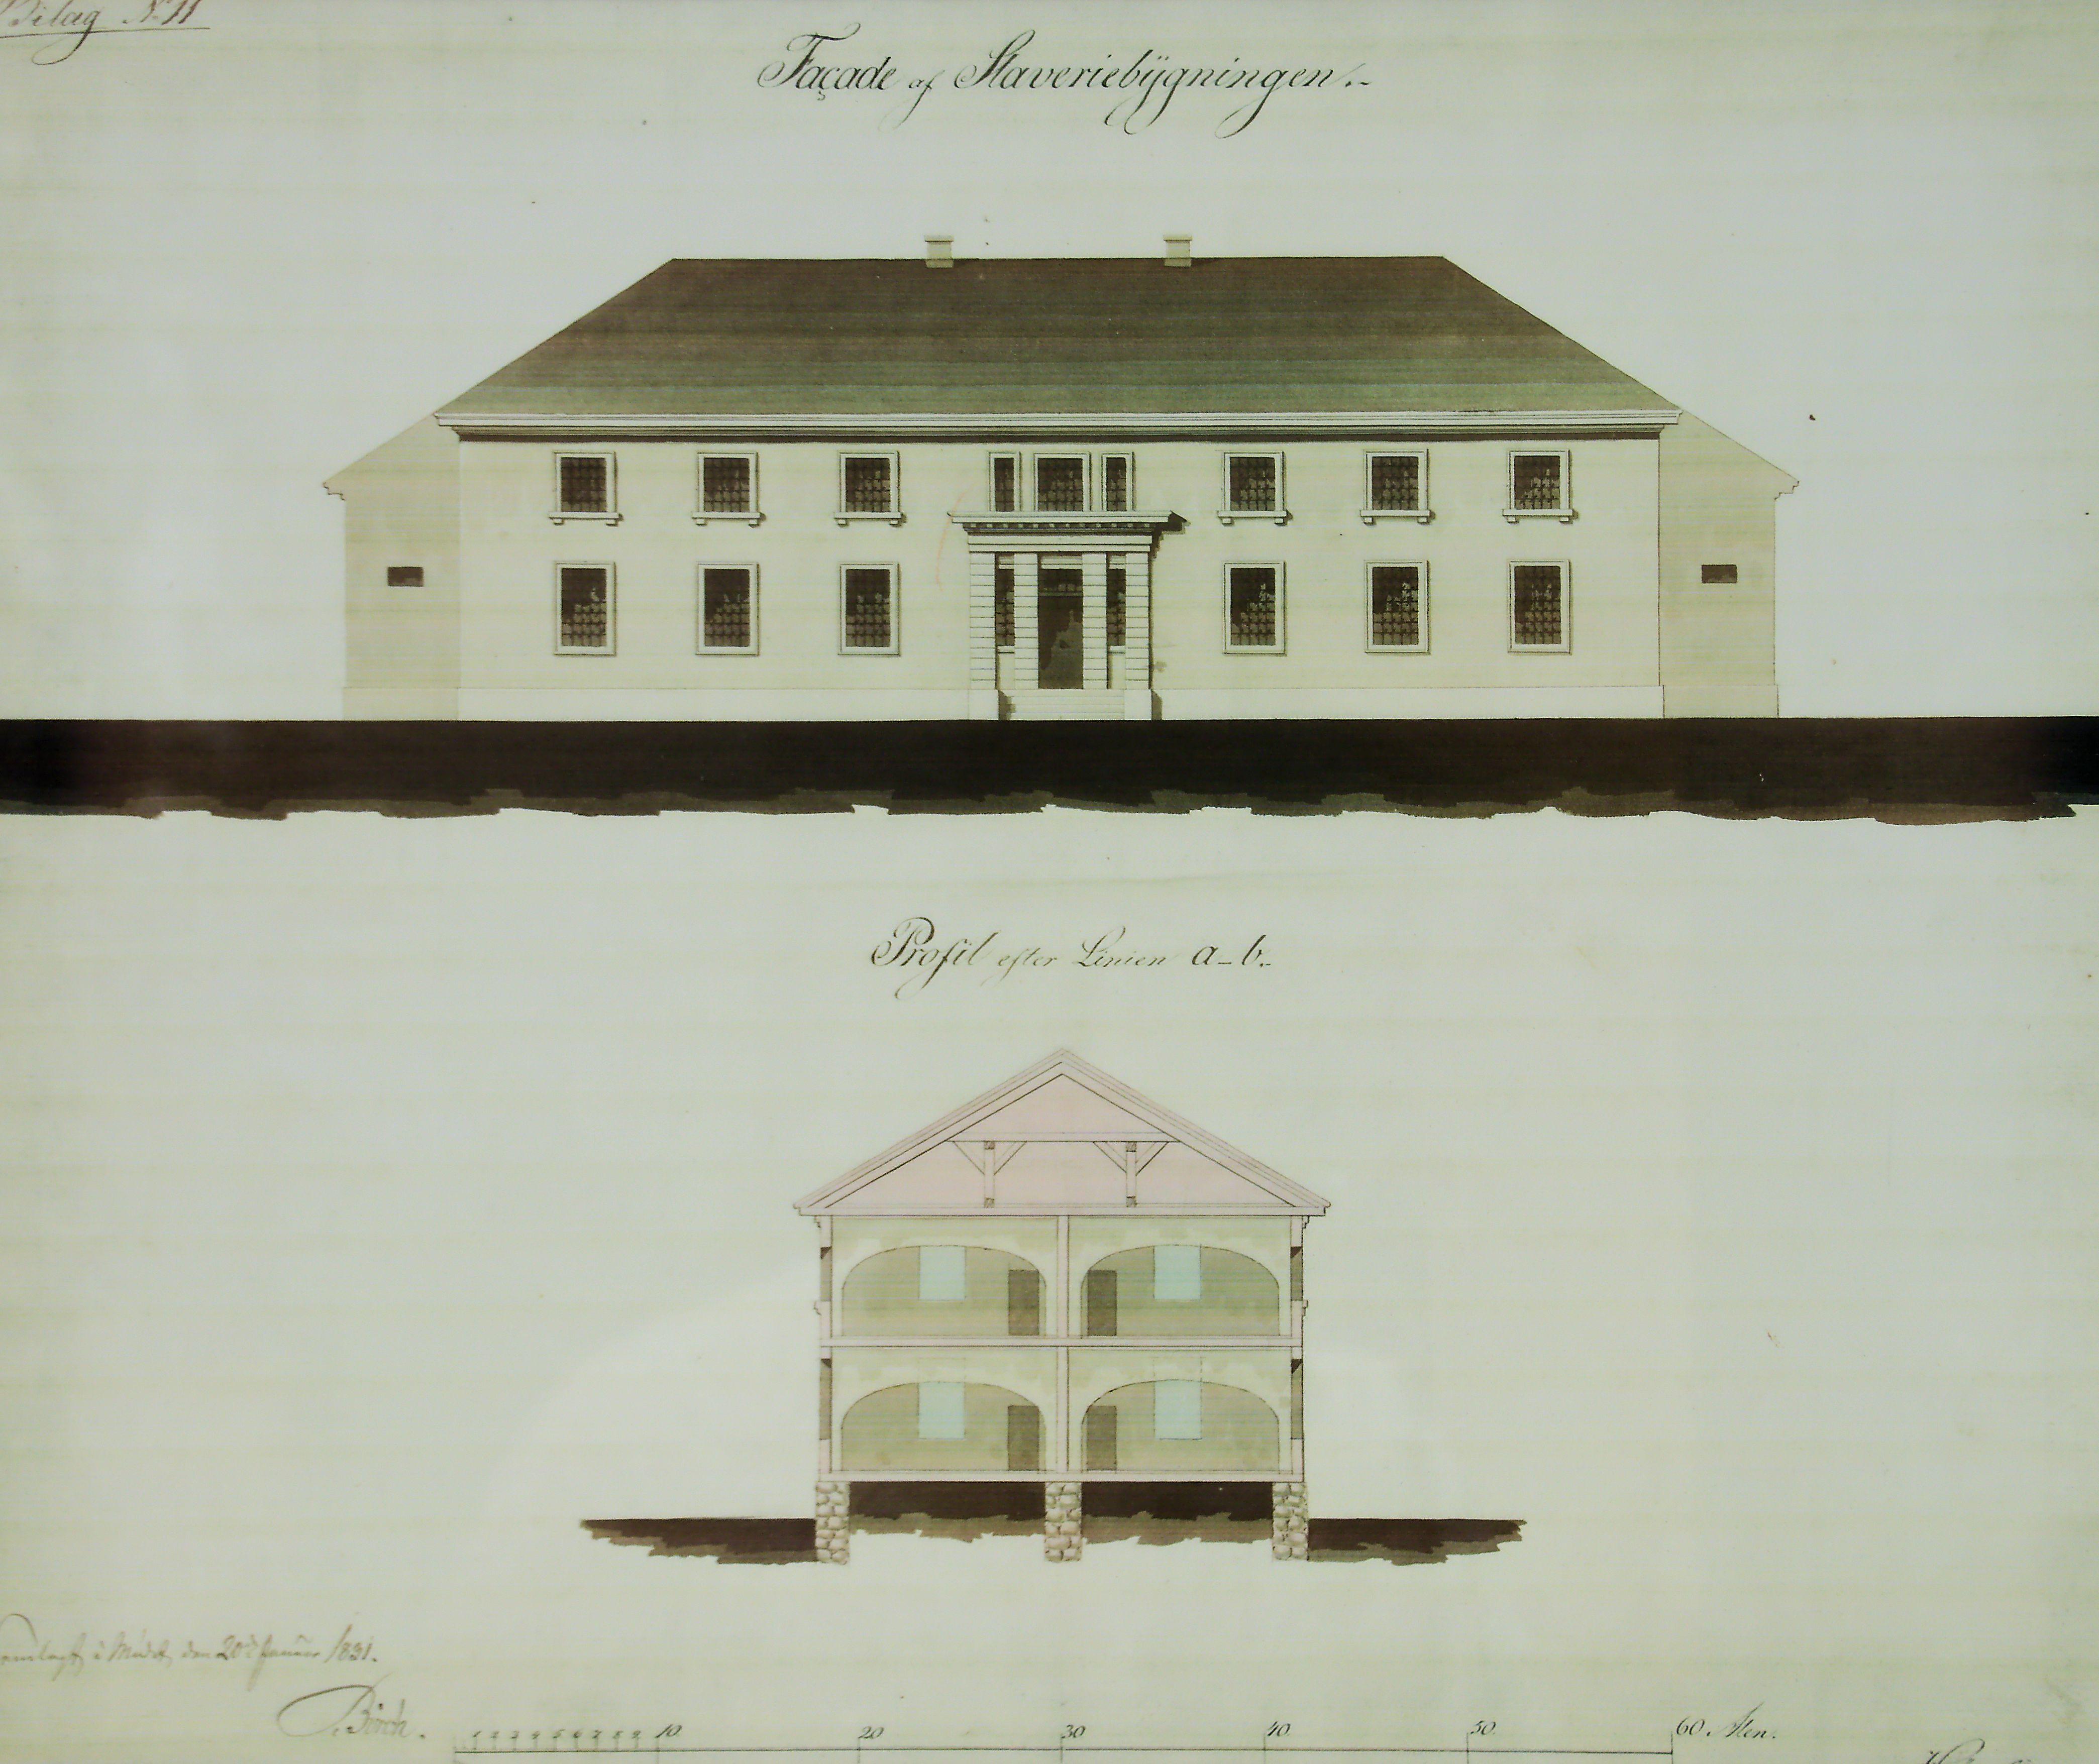 Tegning av Slaveriet som viser fasade og side